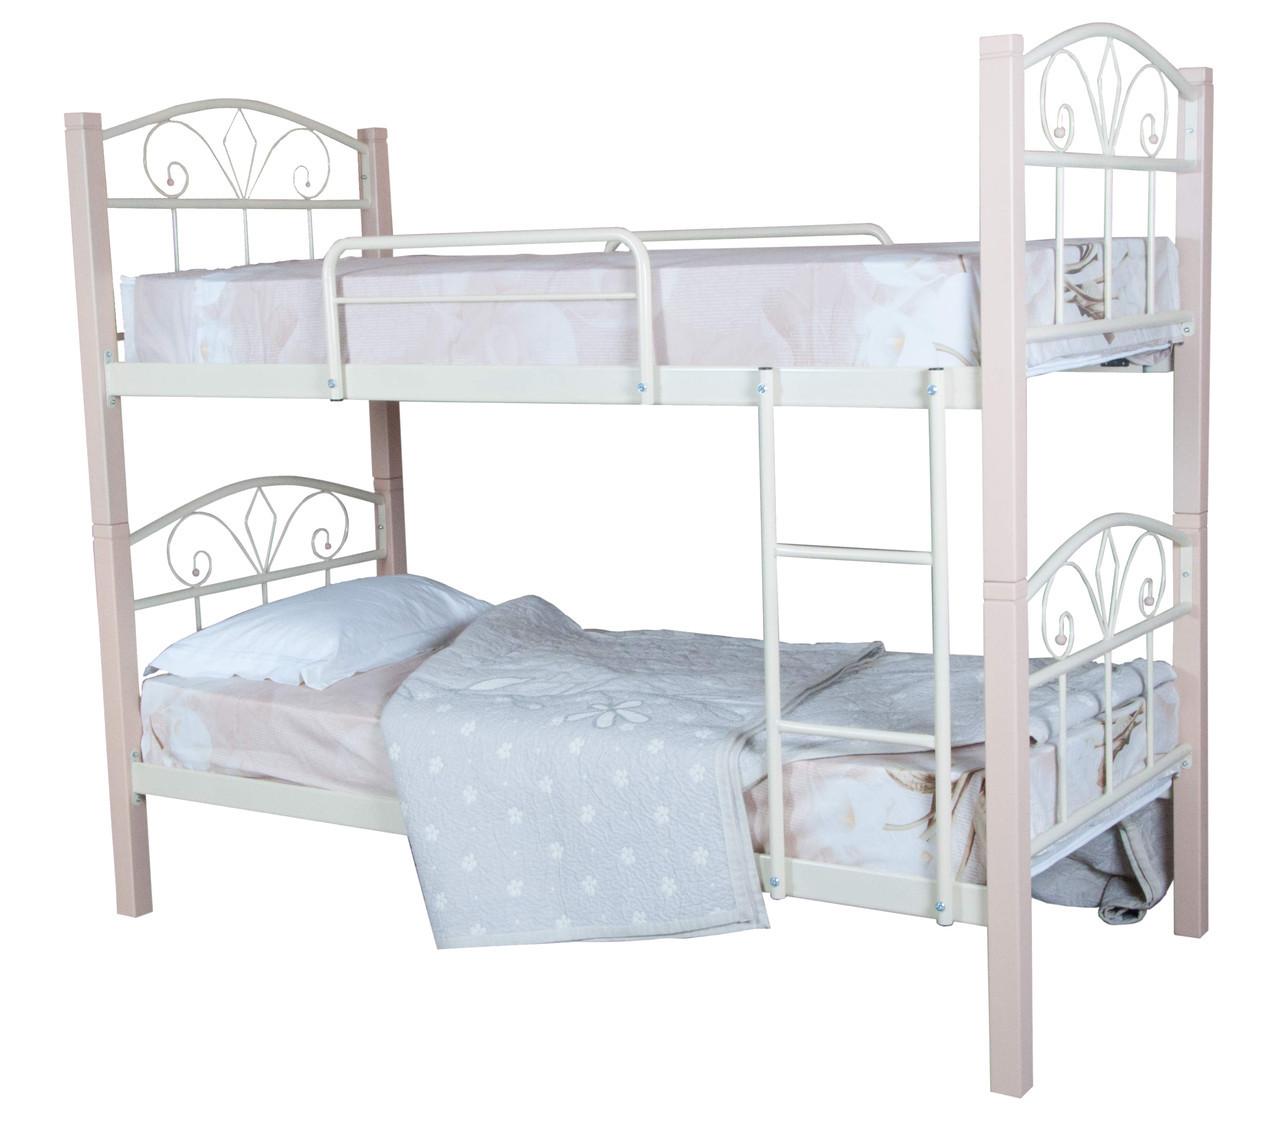 Кровать Лара Люкс Вуд двухъярусная  190х90, белая